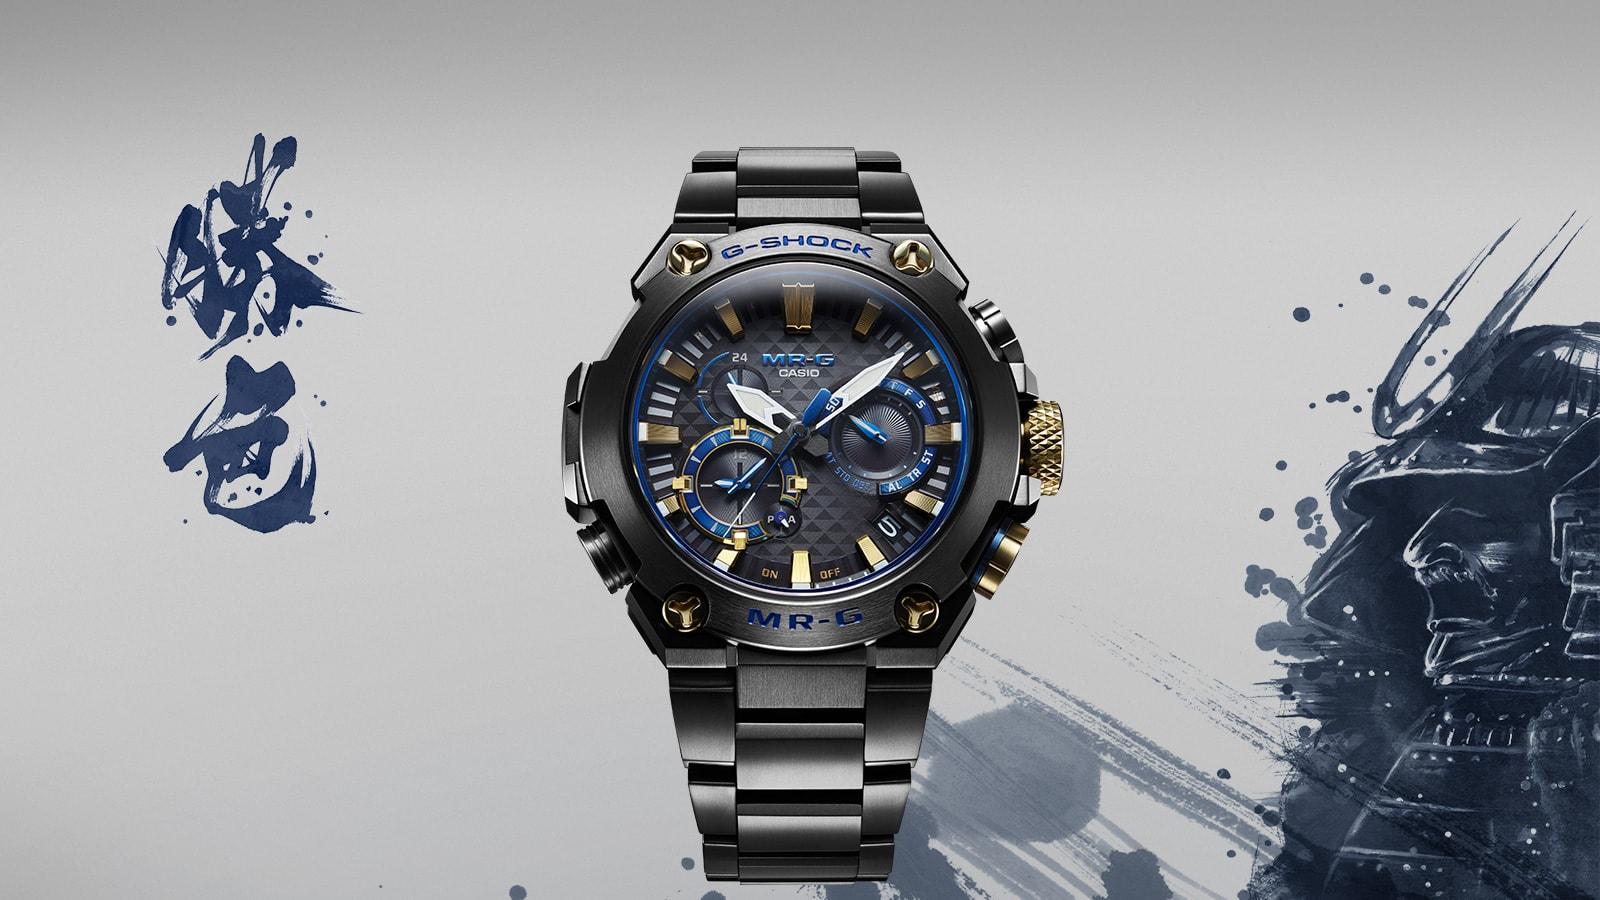 5 นาฬิกา CASIO รุ่นใหม่ล่าสุด 2021 ของมันต้องมี!